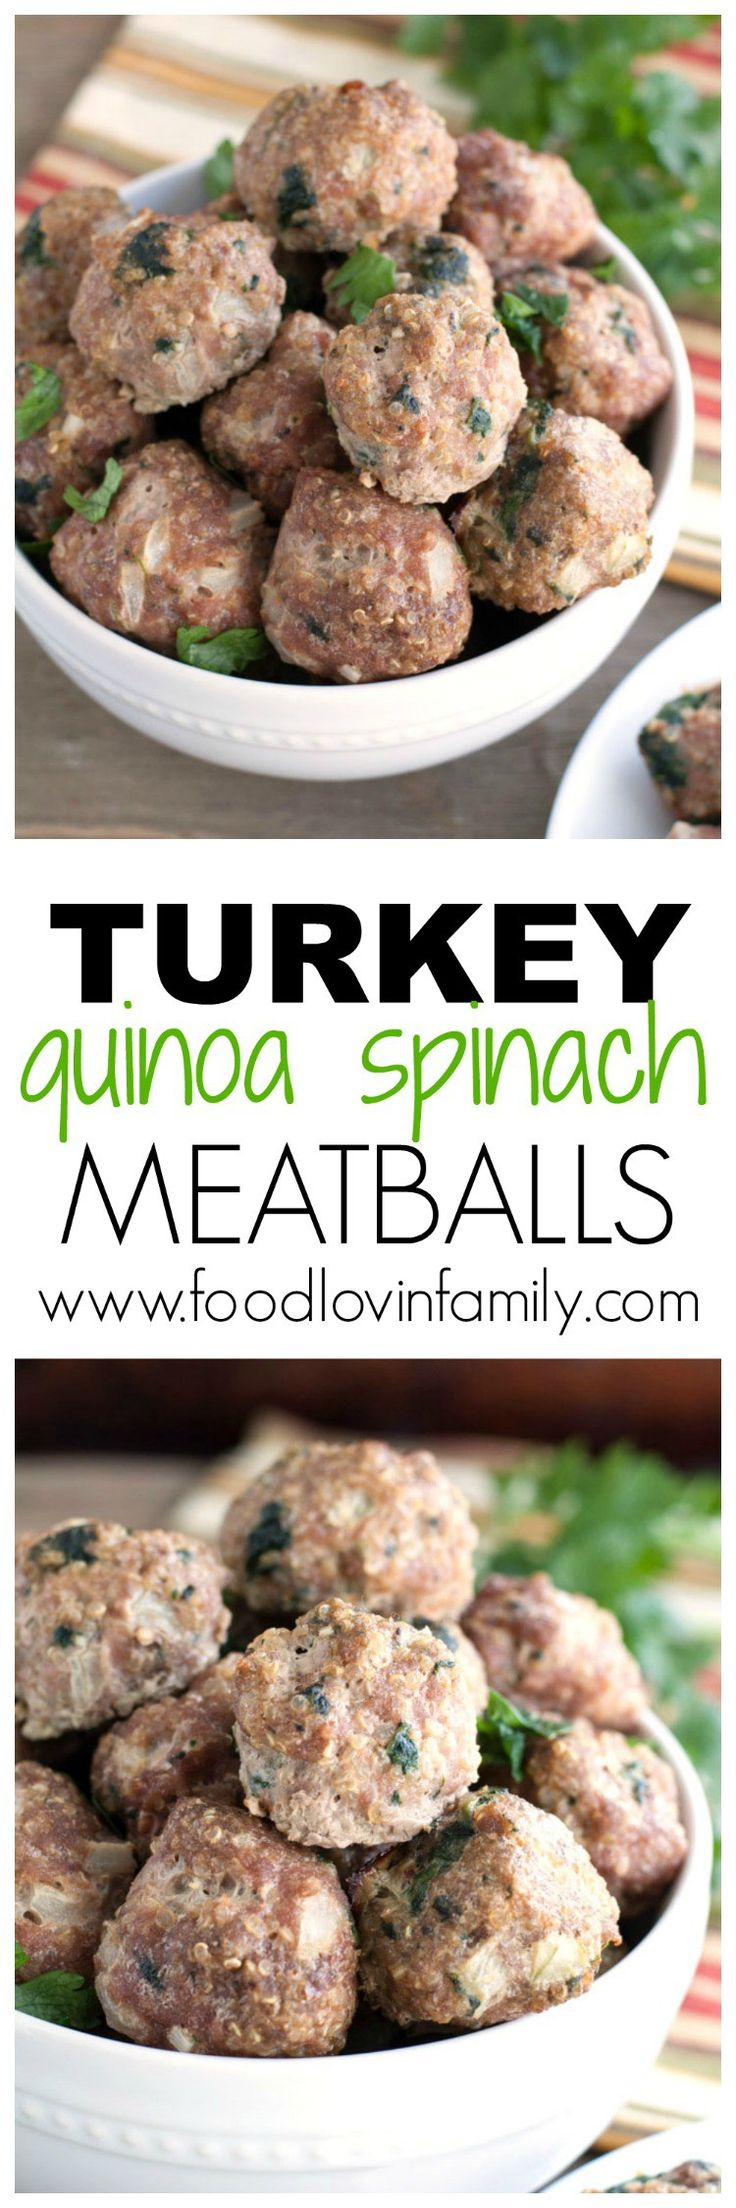 Turkey Quinoa Spinach Meatballs PIN